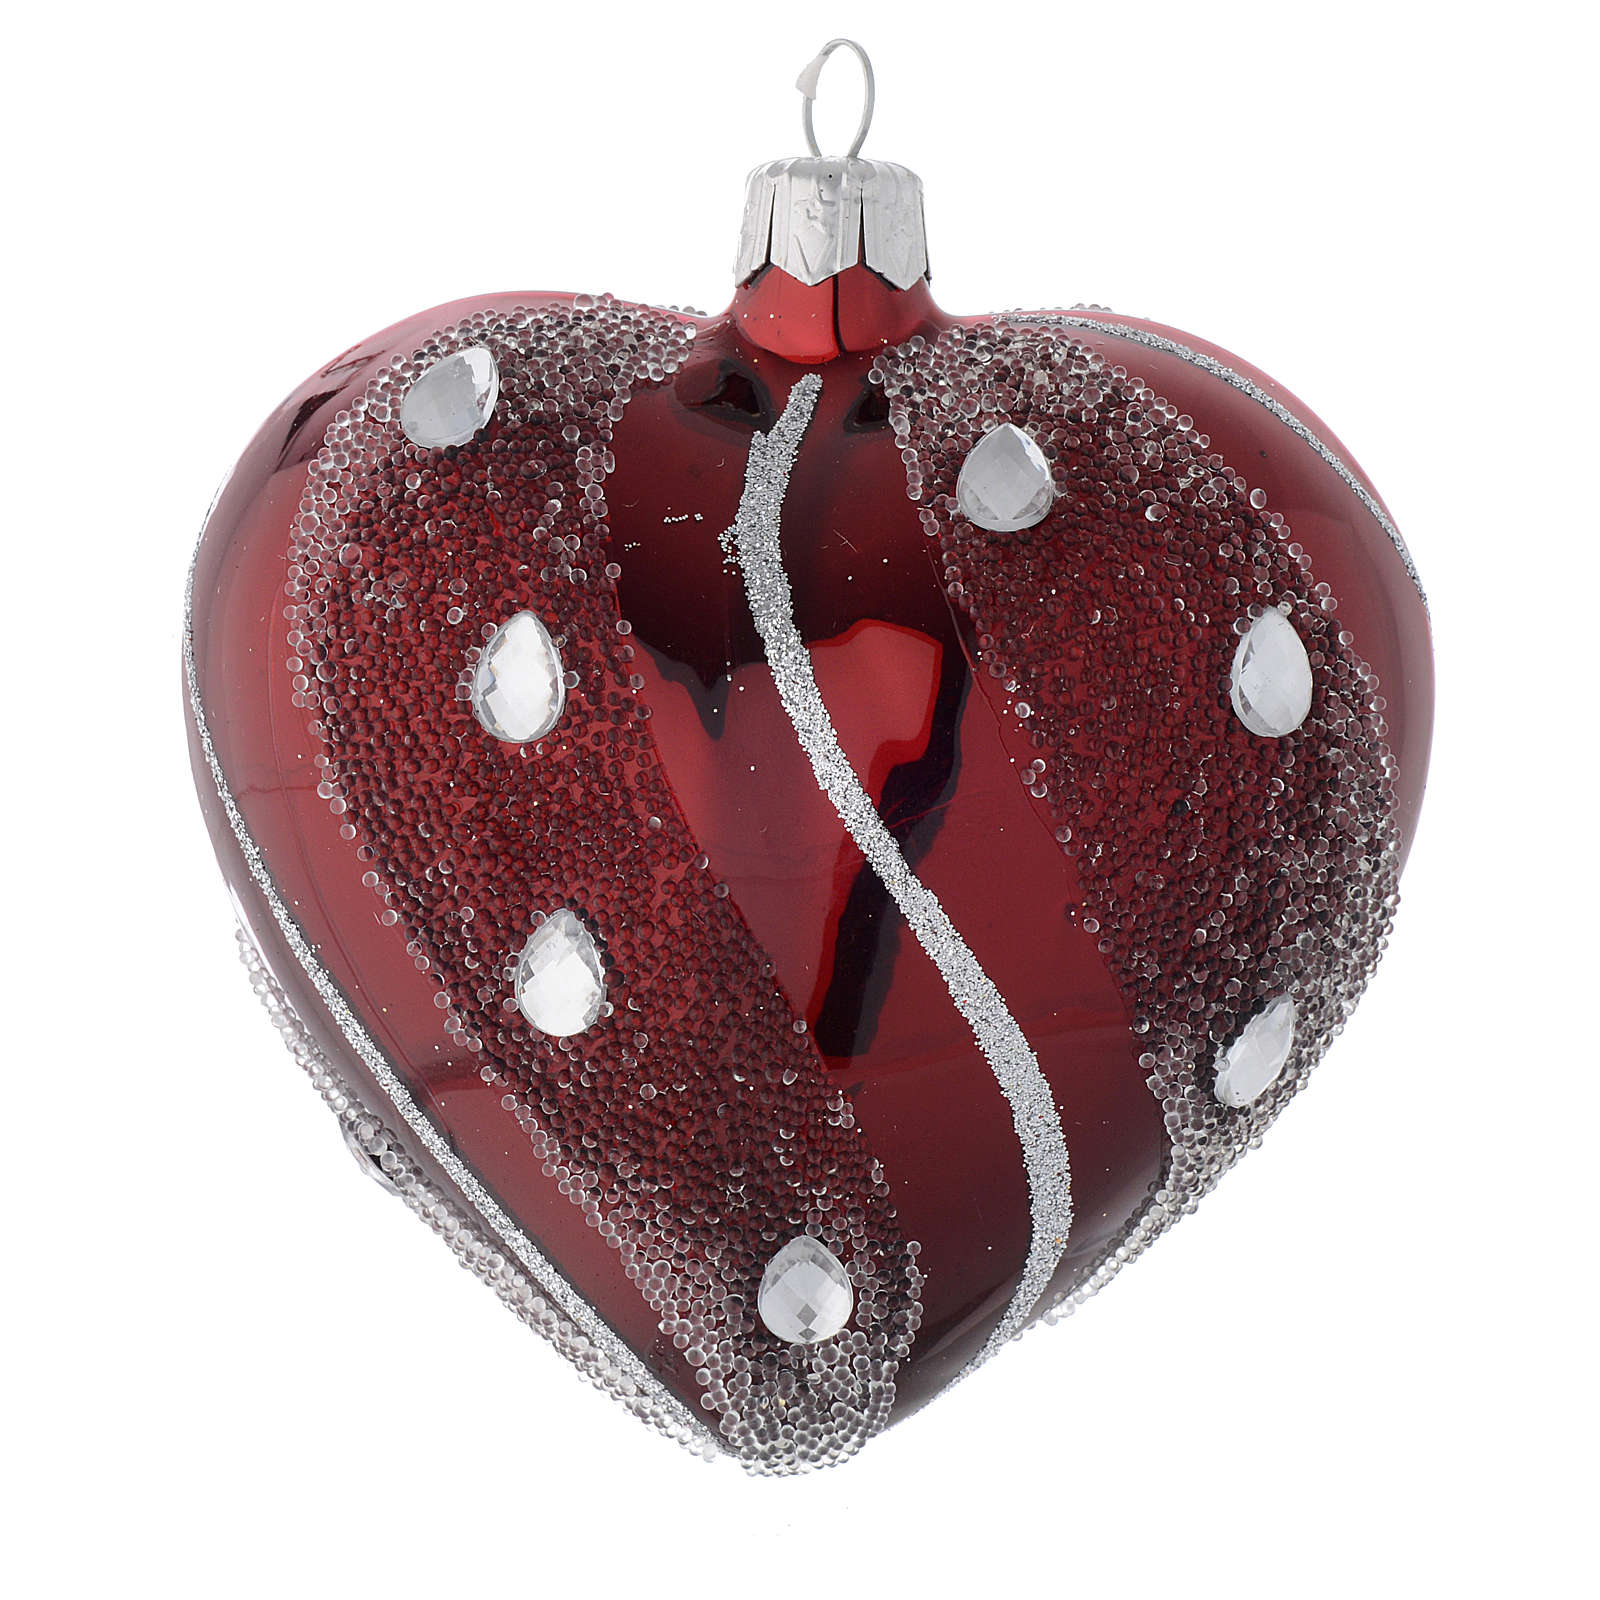 Bombka bożonarodzeniowa w kształcie serca szkło bordowe/ srebrne 100mm 4